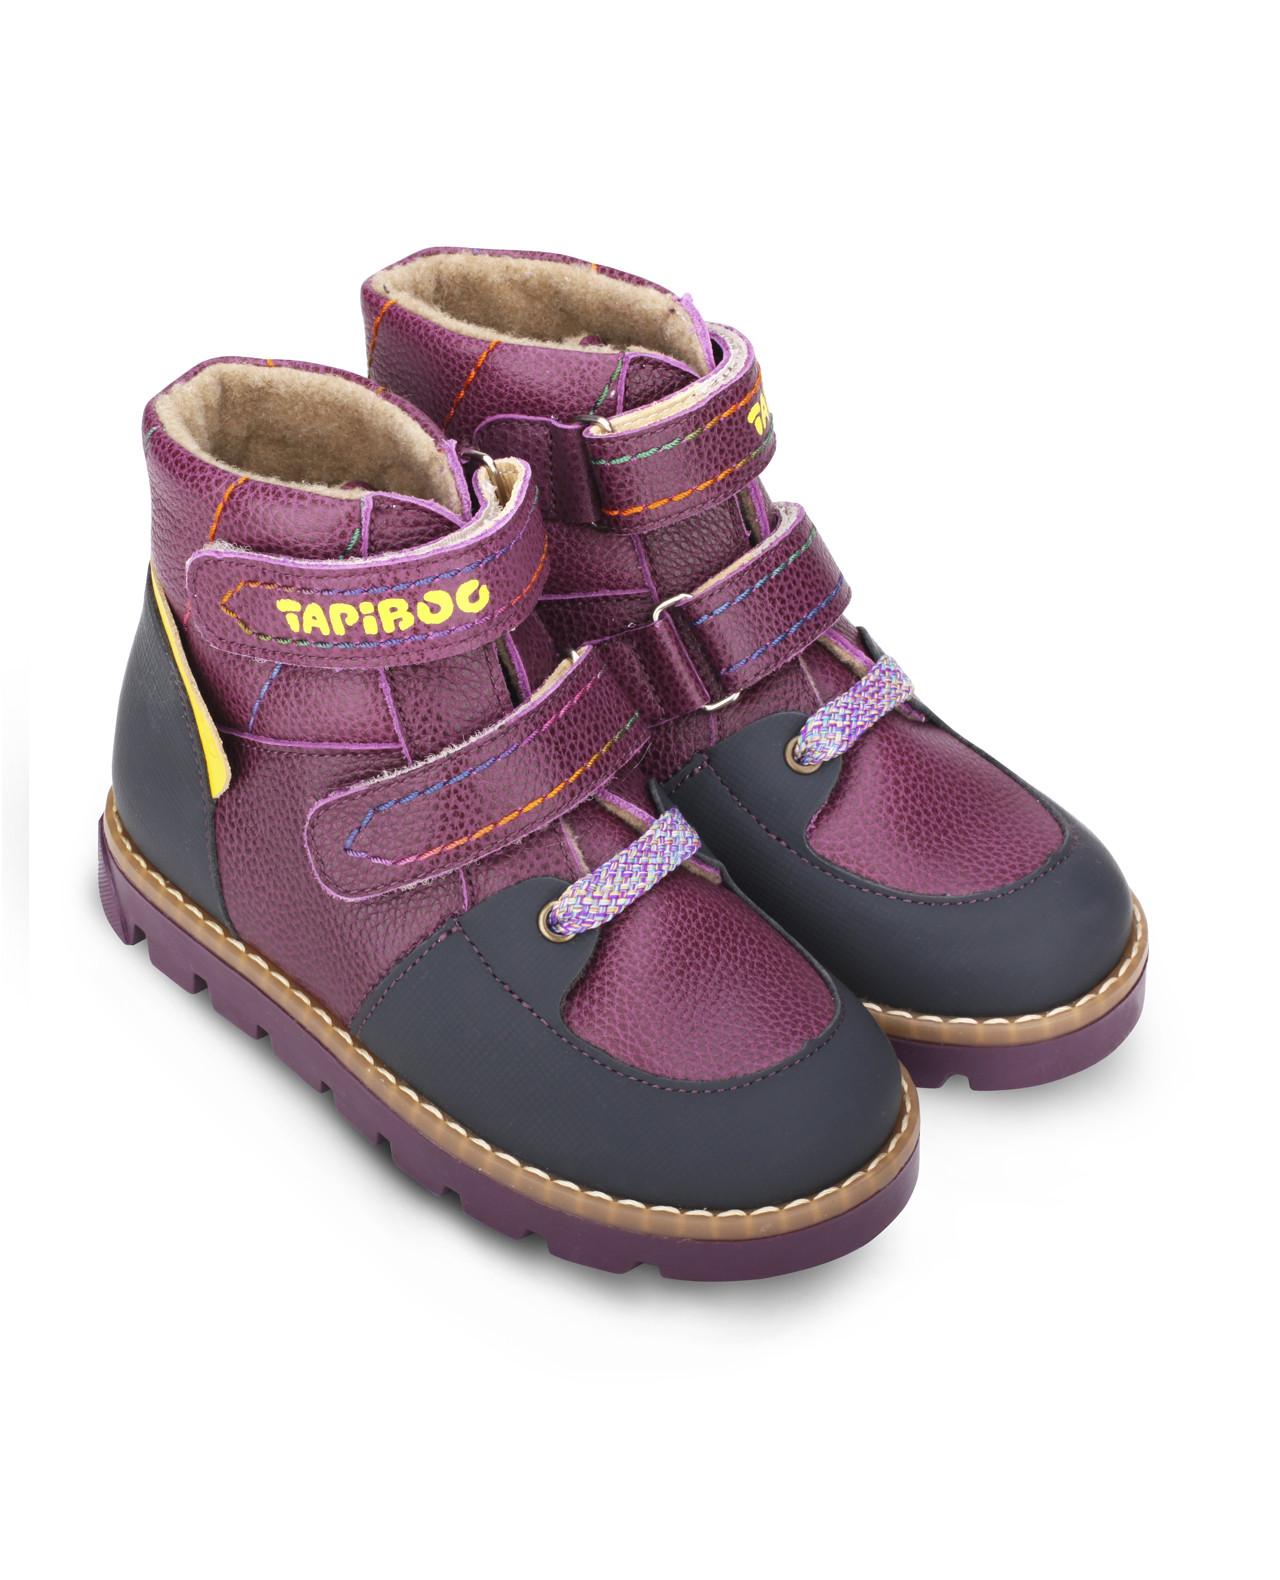 Ботинки Детские, Tapiboo Турмалин (44856, 35 )Осень<br>Ботинки утепленные. Многослойная, анатомическая <br>стелька для правильного формирования стопы. <br>Жесткий фиксирующий задник с удлиненным <br>крылом надежно стабилизирует голеностопный <br>сустав во время ходьбы. Упругая, умеренно-эластичная <br>подошва, имеющая перекат позволяющий повторить <br>естественное движение стопы при ходьбе <br>для правильного распределения нагрузки <br>на опорно-двигательный аппарат ребенка. <br>Подкладка из байки LANATEX поддерживает комфортную <br>температуру внутри обуви при погодных условиях <br>от +5 до -5 градусов. Застежки типа «велкро» <br>позволяют оптимально подогнать полноту <br>обуви по ноге ребенка (большой подъем или <br>вложение специальных вкладных ортопедических <br>приспособлений), обеспечивая при этом оптимальную <br>фиксацию стопы.<br>Размер INT: M; Цвет: Красный; Ширина: 100; Высота: 200; Вес: 1000;